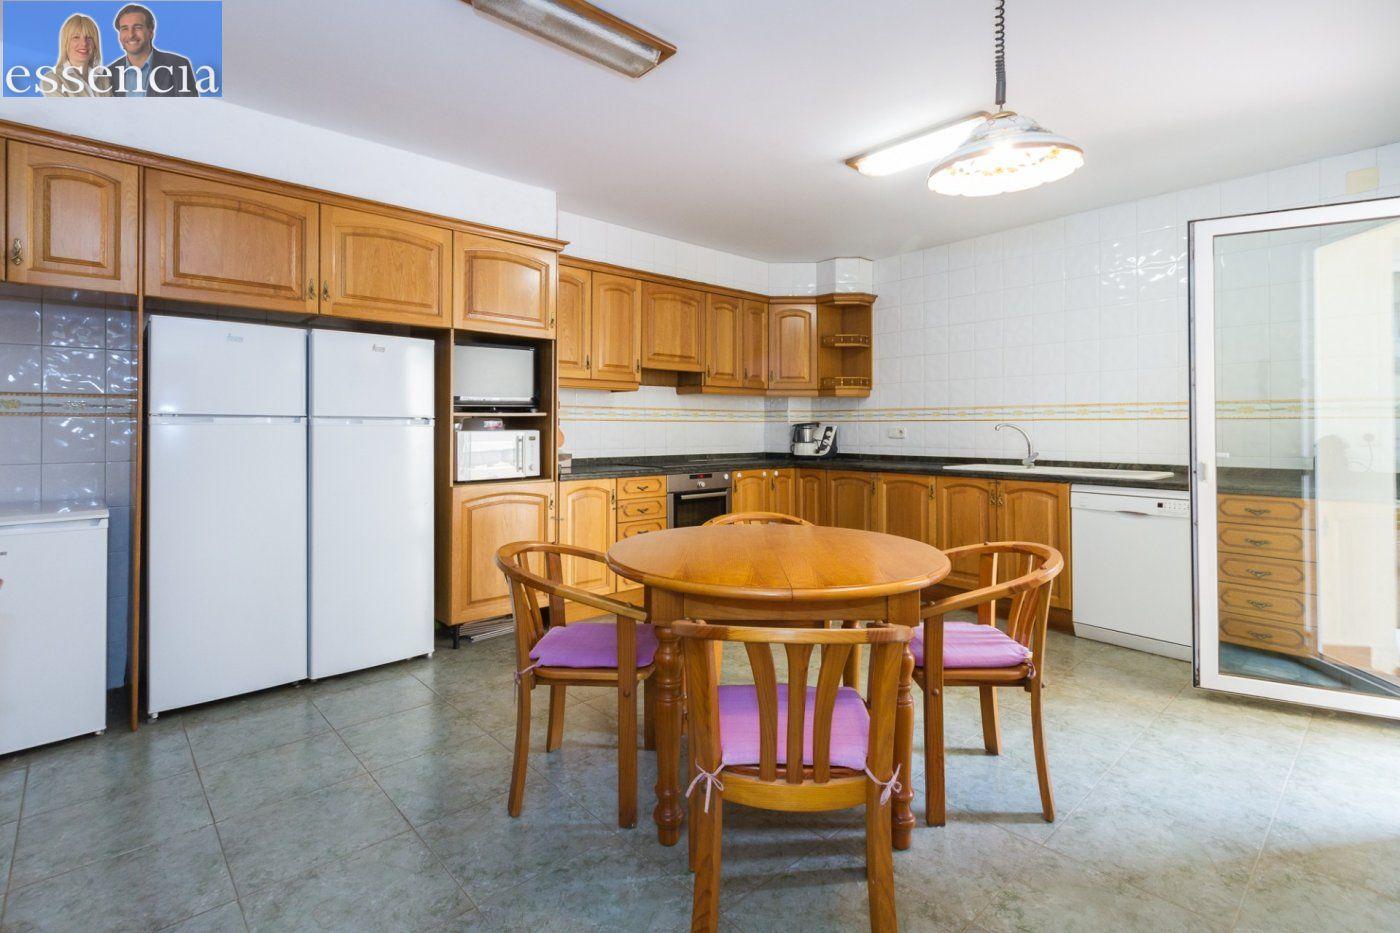 Casa con encanto en el centro de gandÍa para clientes vip - imagenInmueble12